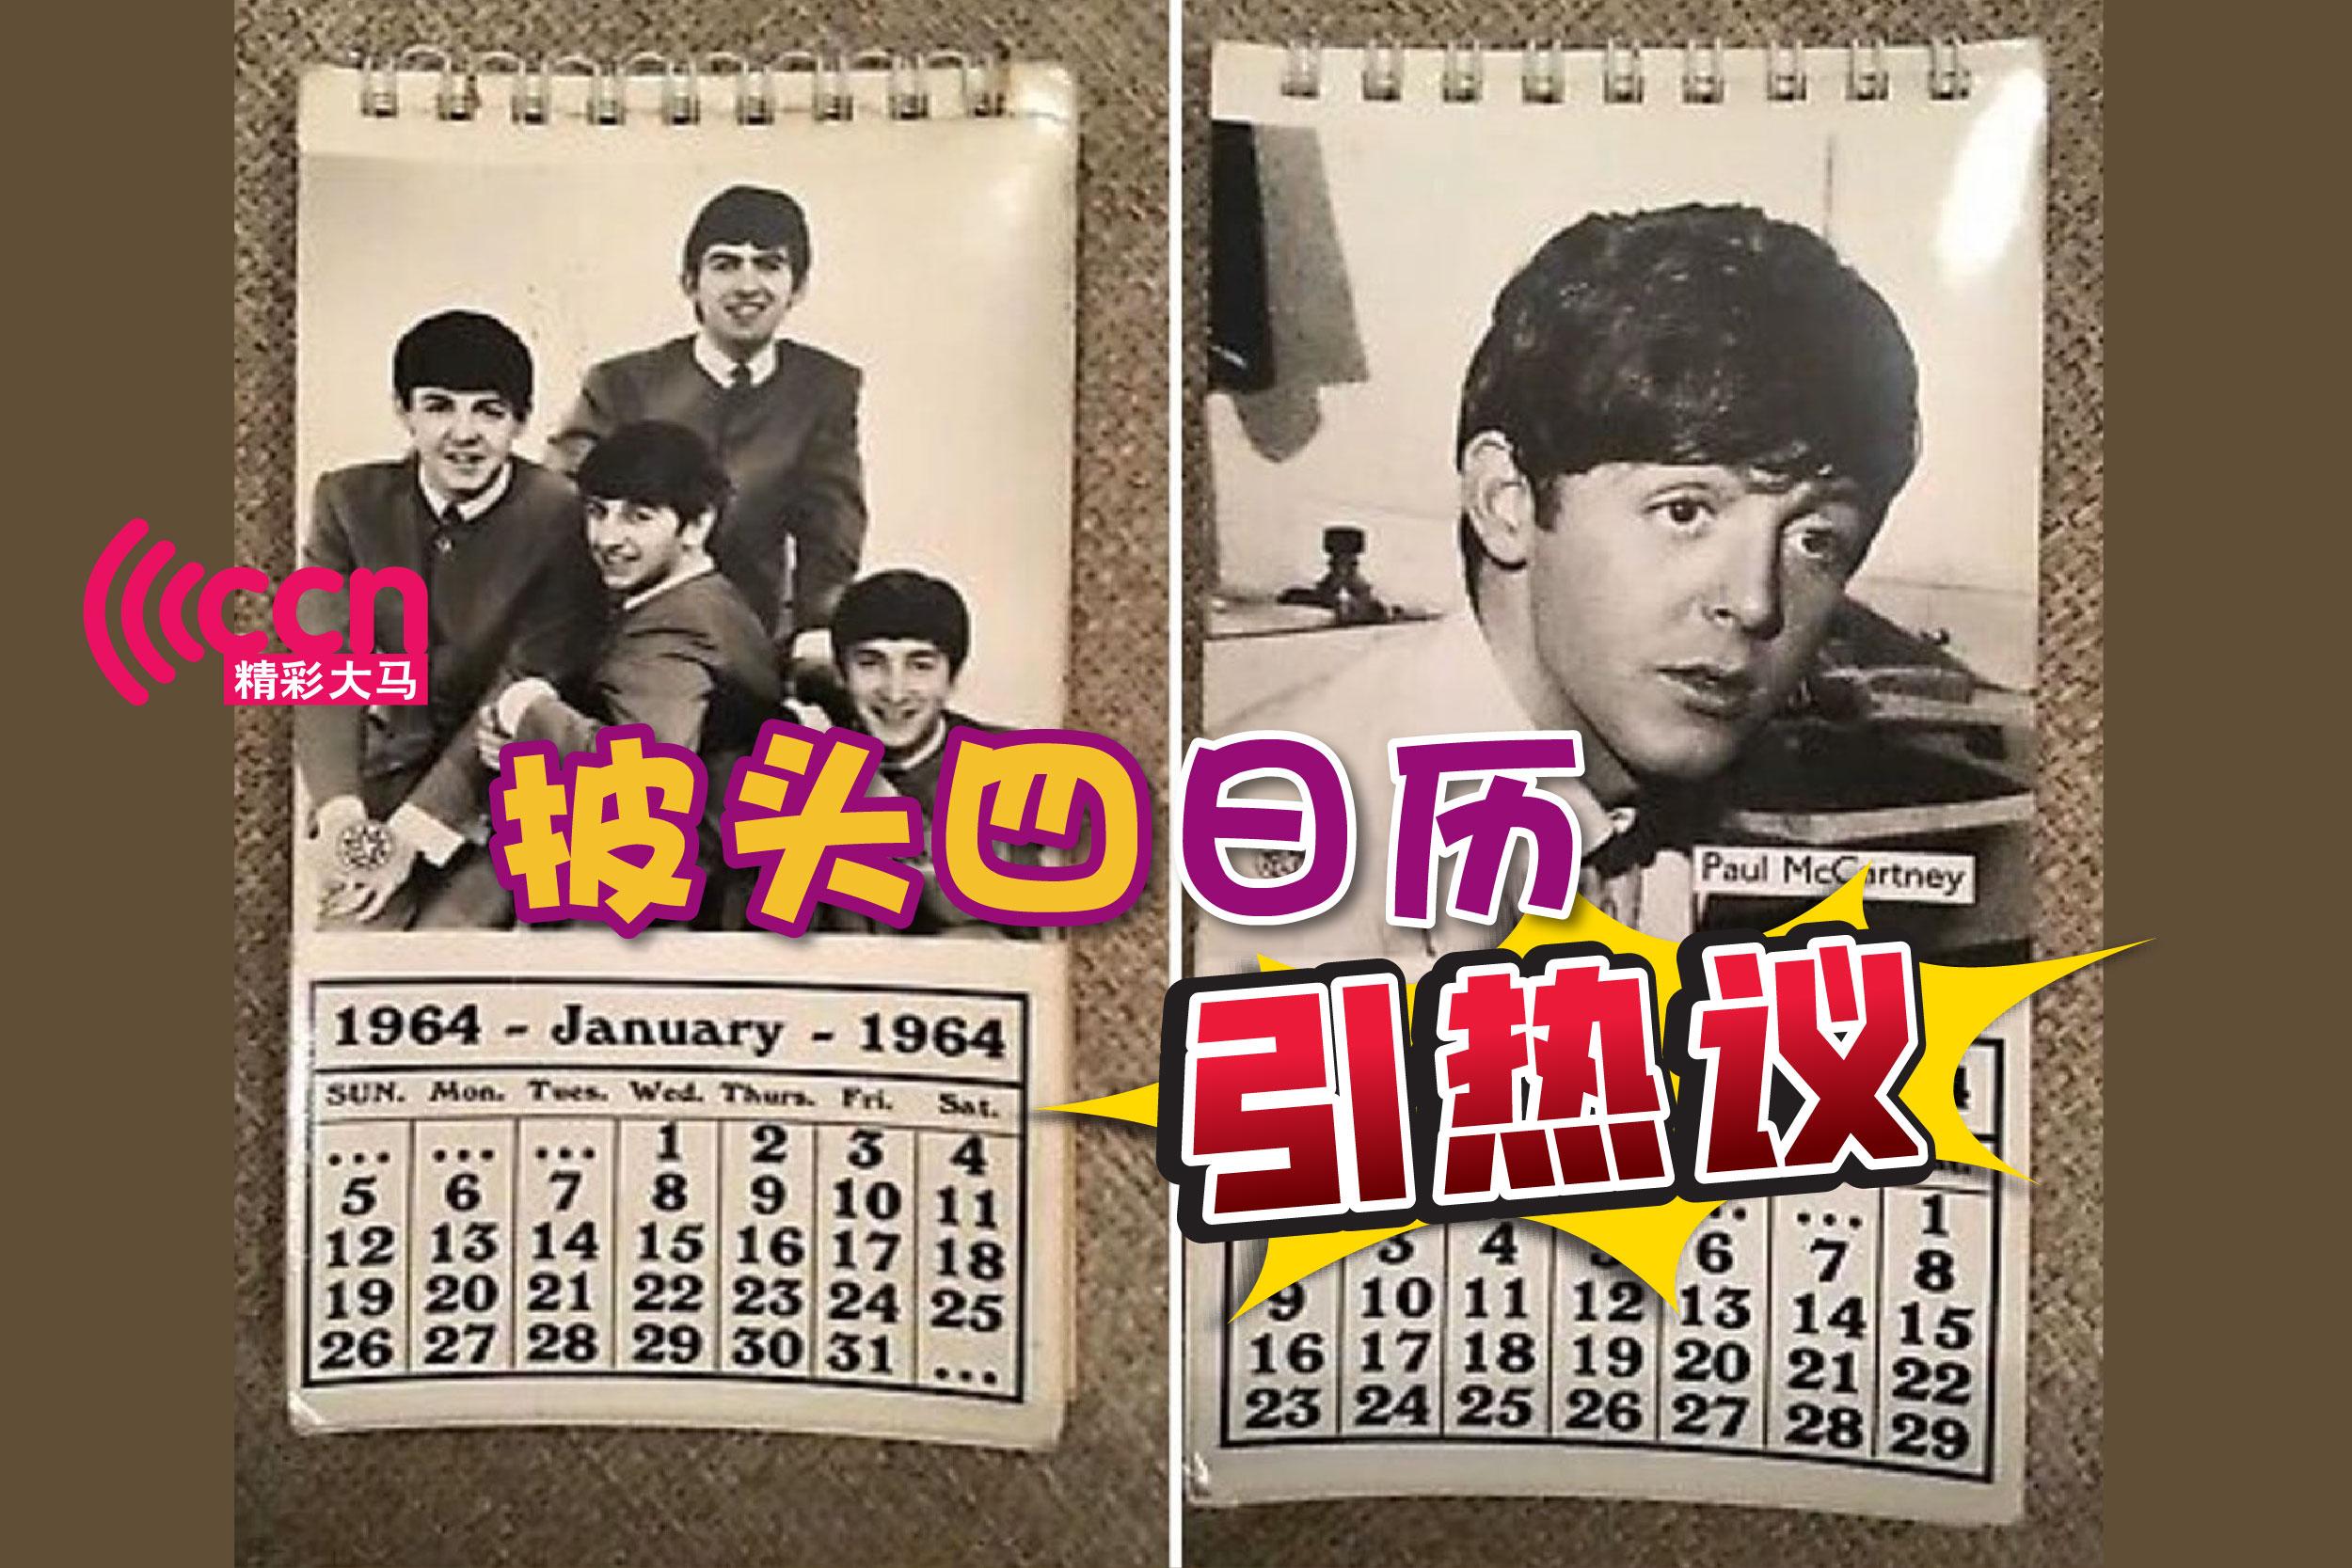 披头四的日历不仅引起热议,更有网民发现1964年的日子和今年重叠。-精彩大马制图-